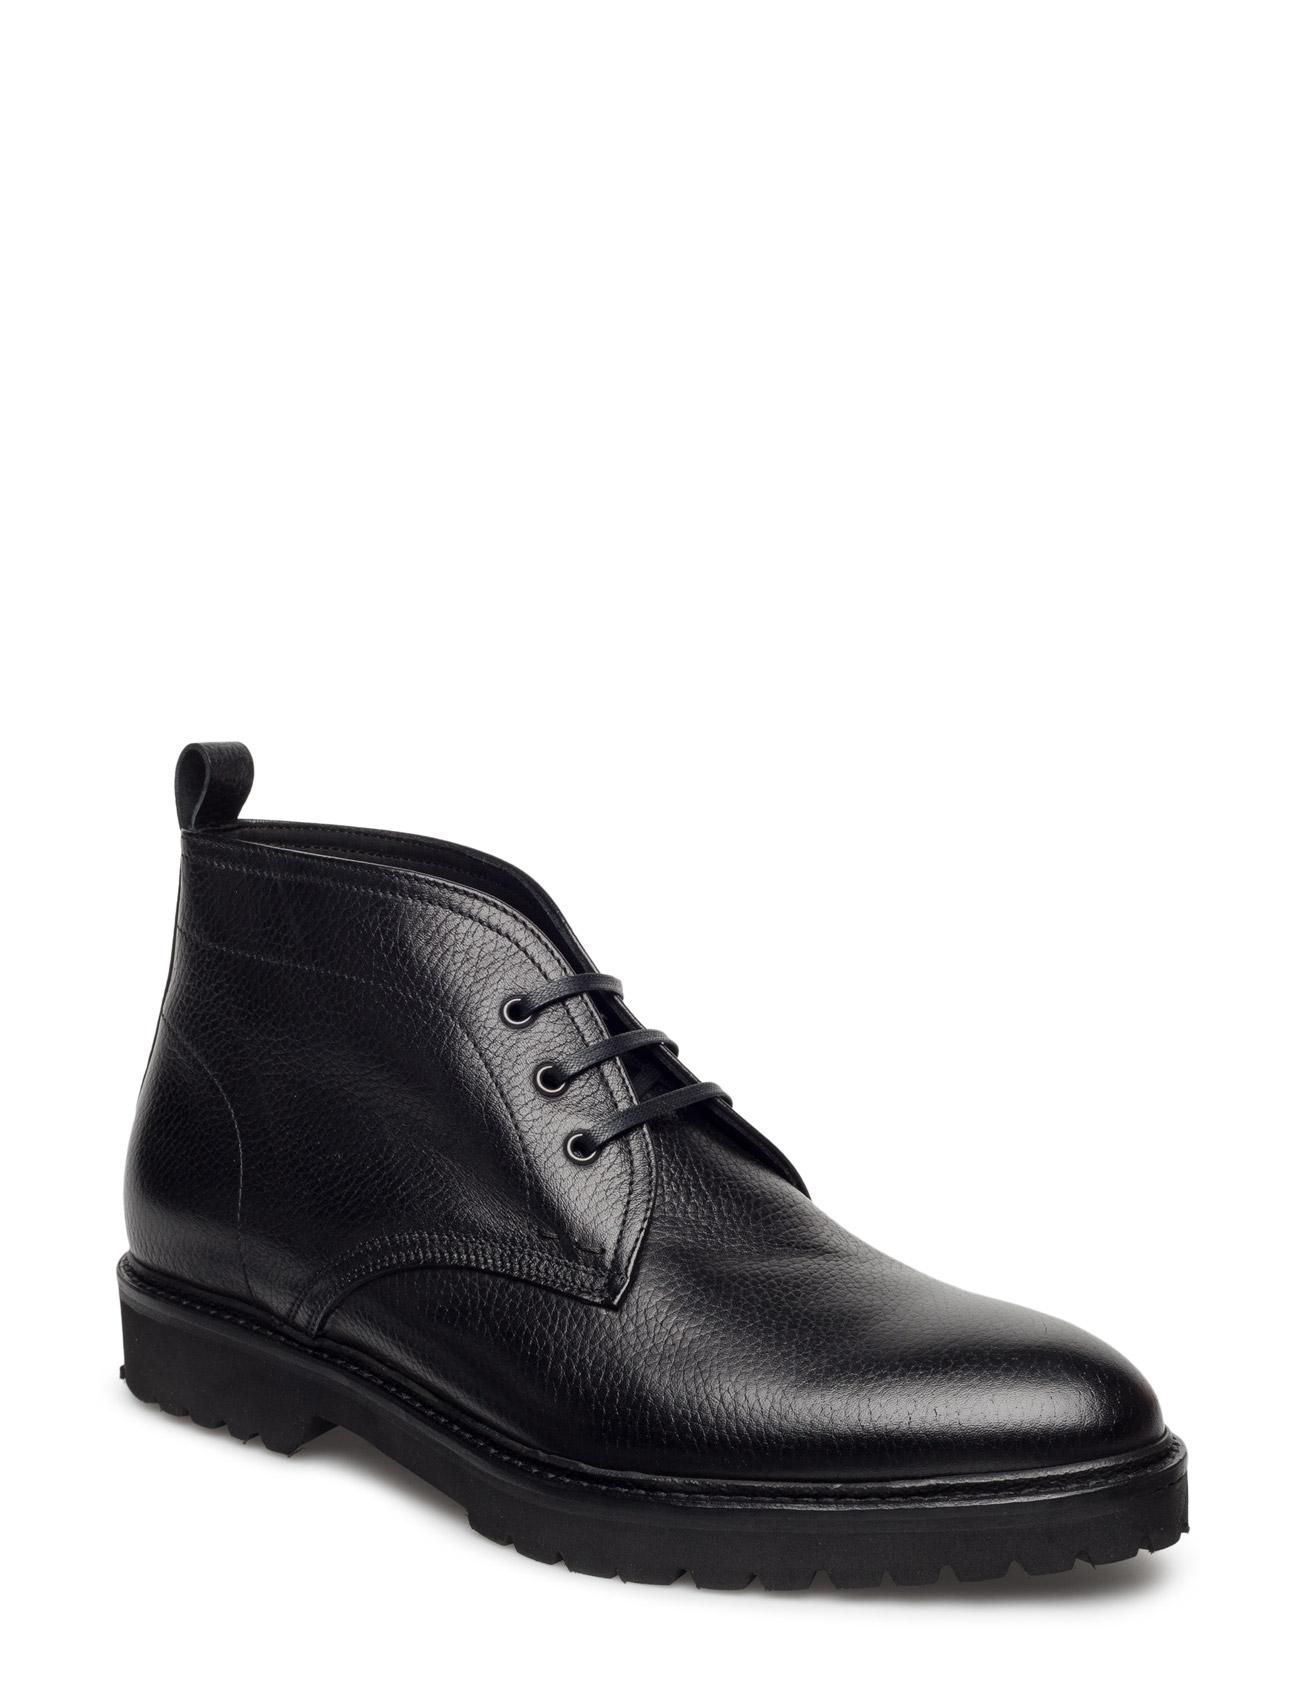 Footwear Mw - F220 SAND Casual sko til Mænd i Sort